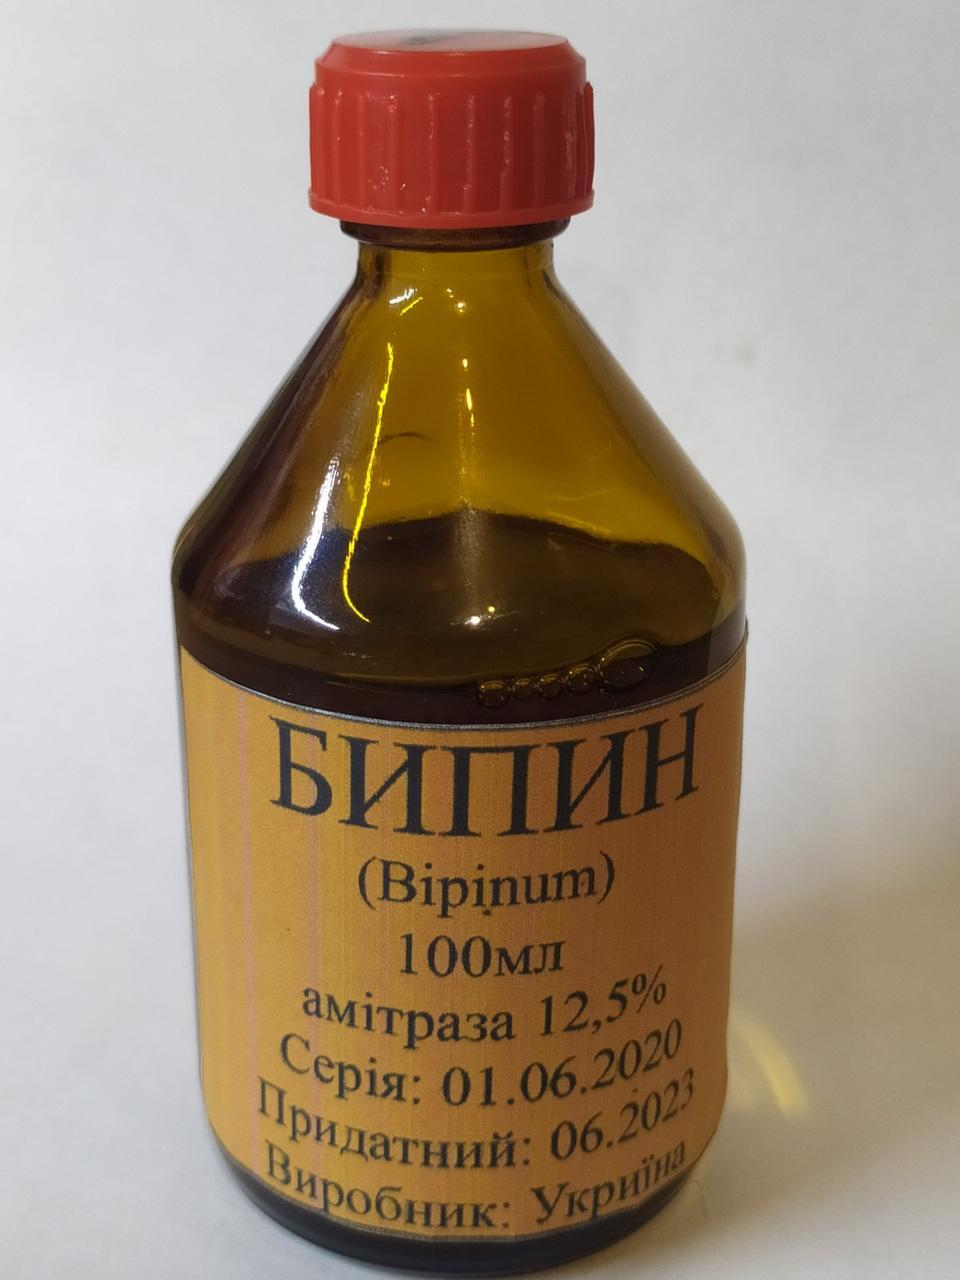 Бипин 100мл, Украина